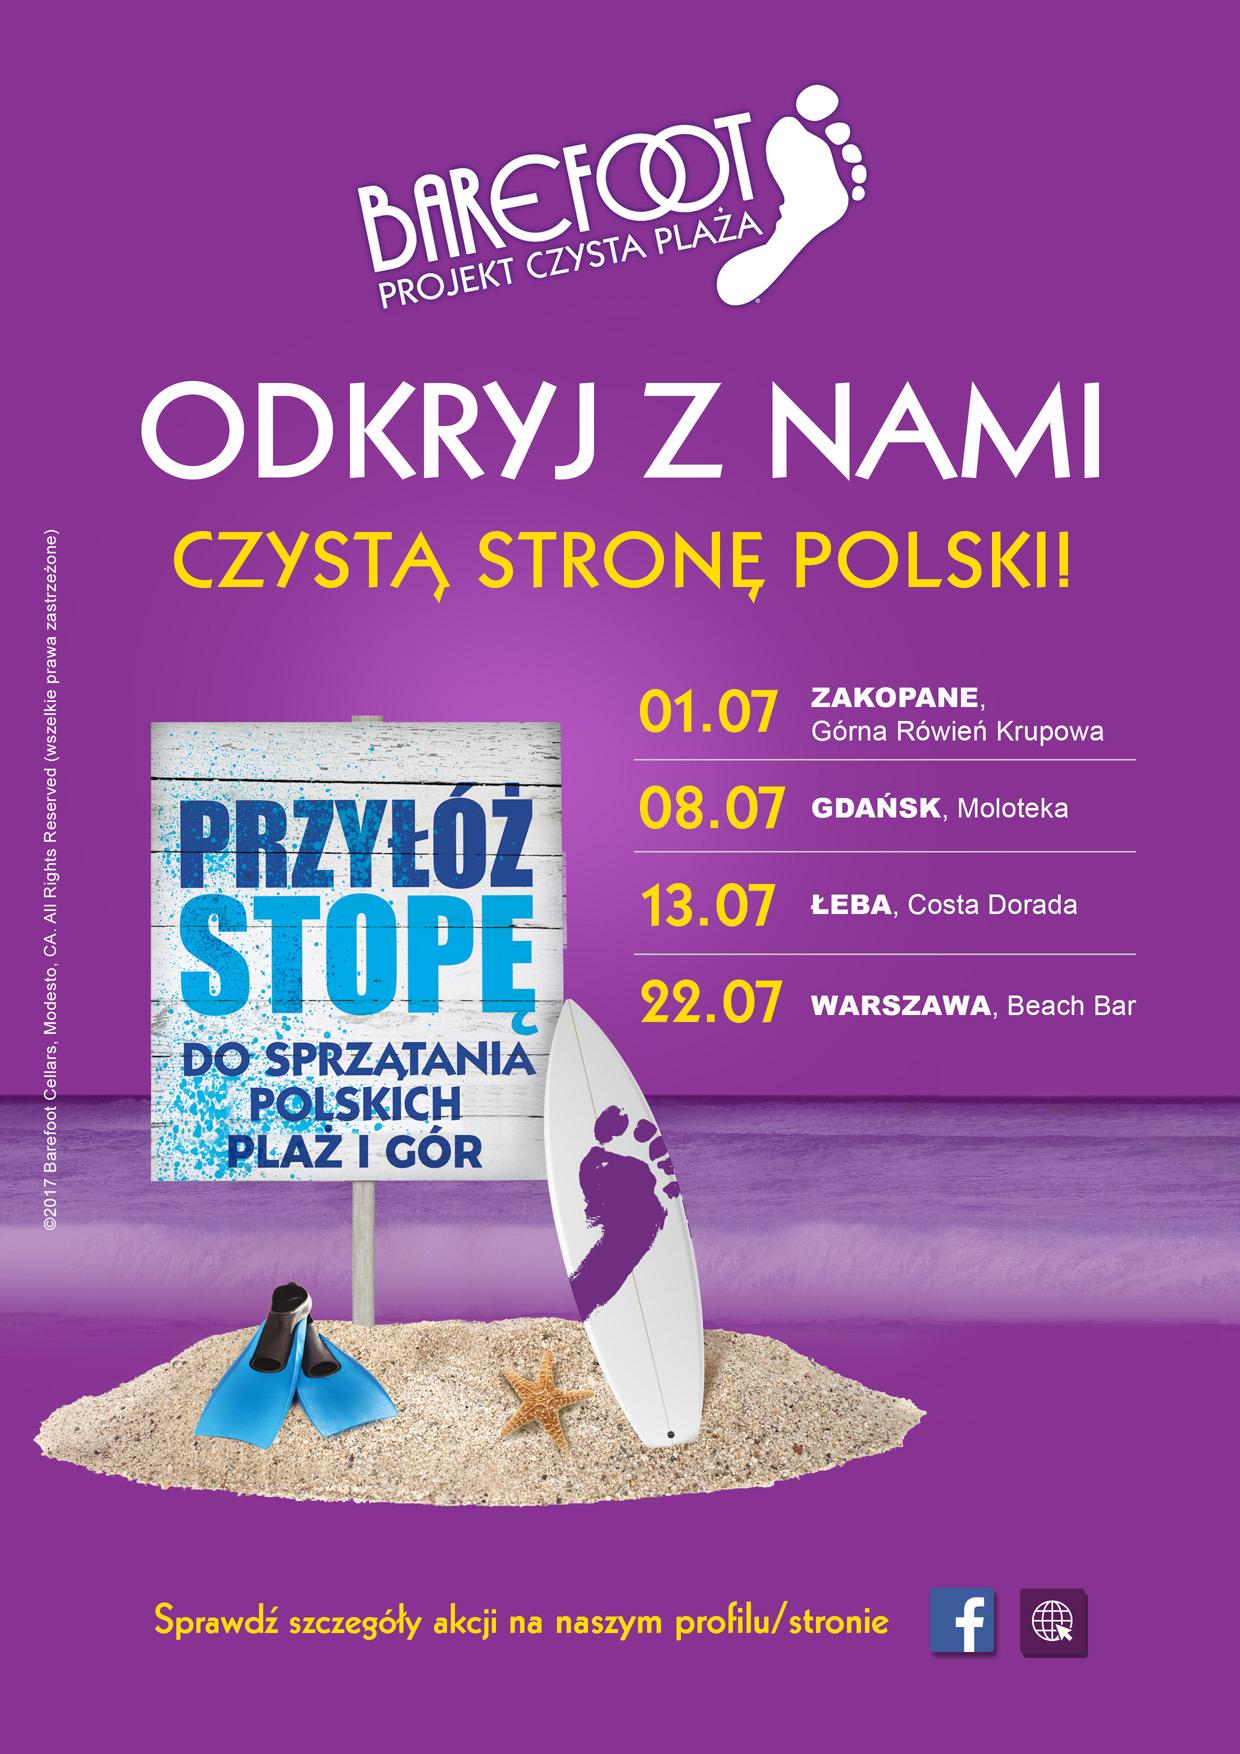 Pozostaw tylko ślady bosych stóp! 1 lipca rozpocznie się cykl akcji wielkiego sprzątania Polski – od Tatr aż po Bałtyk